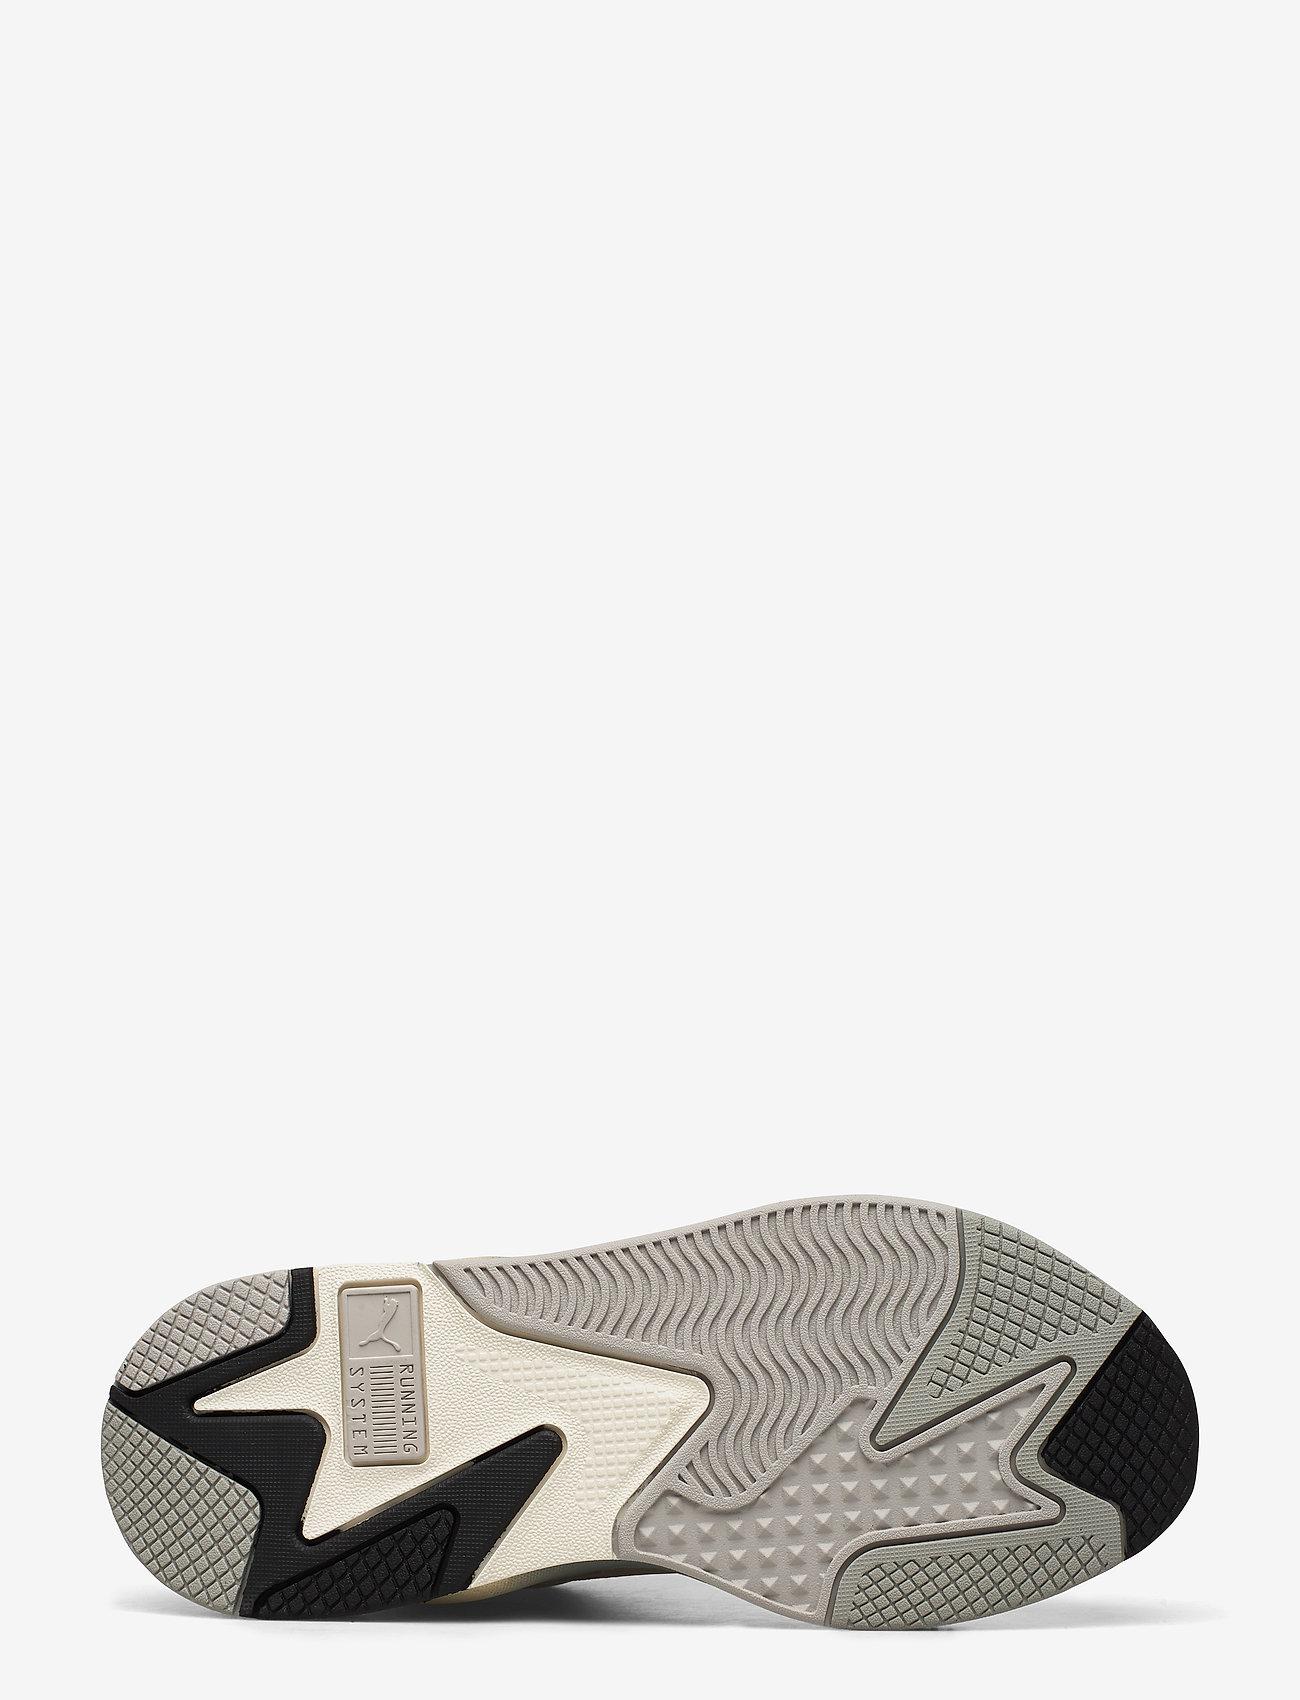 Rs-x Move (Limestone-gray Violet) - PUMA